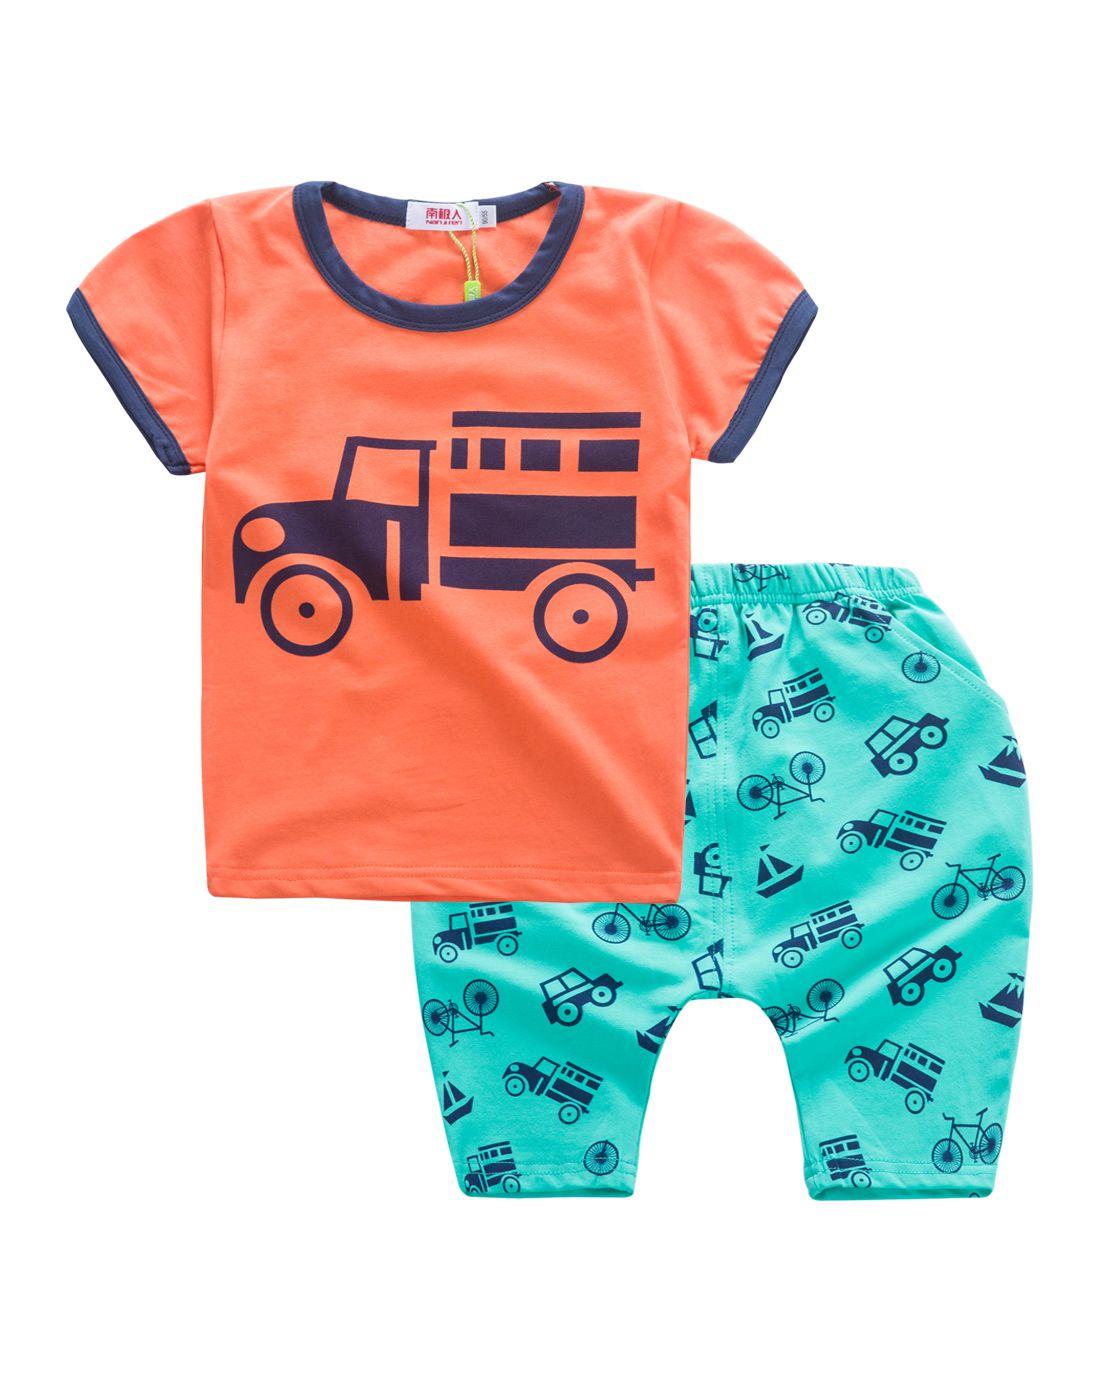 男童橘色卡通短袖套装